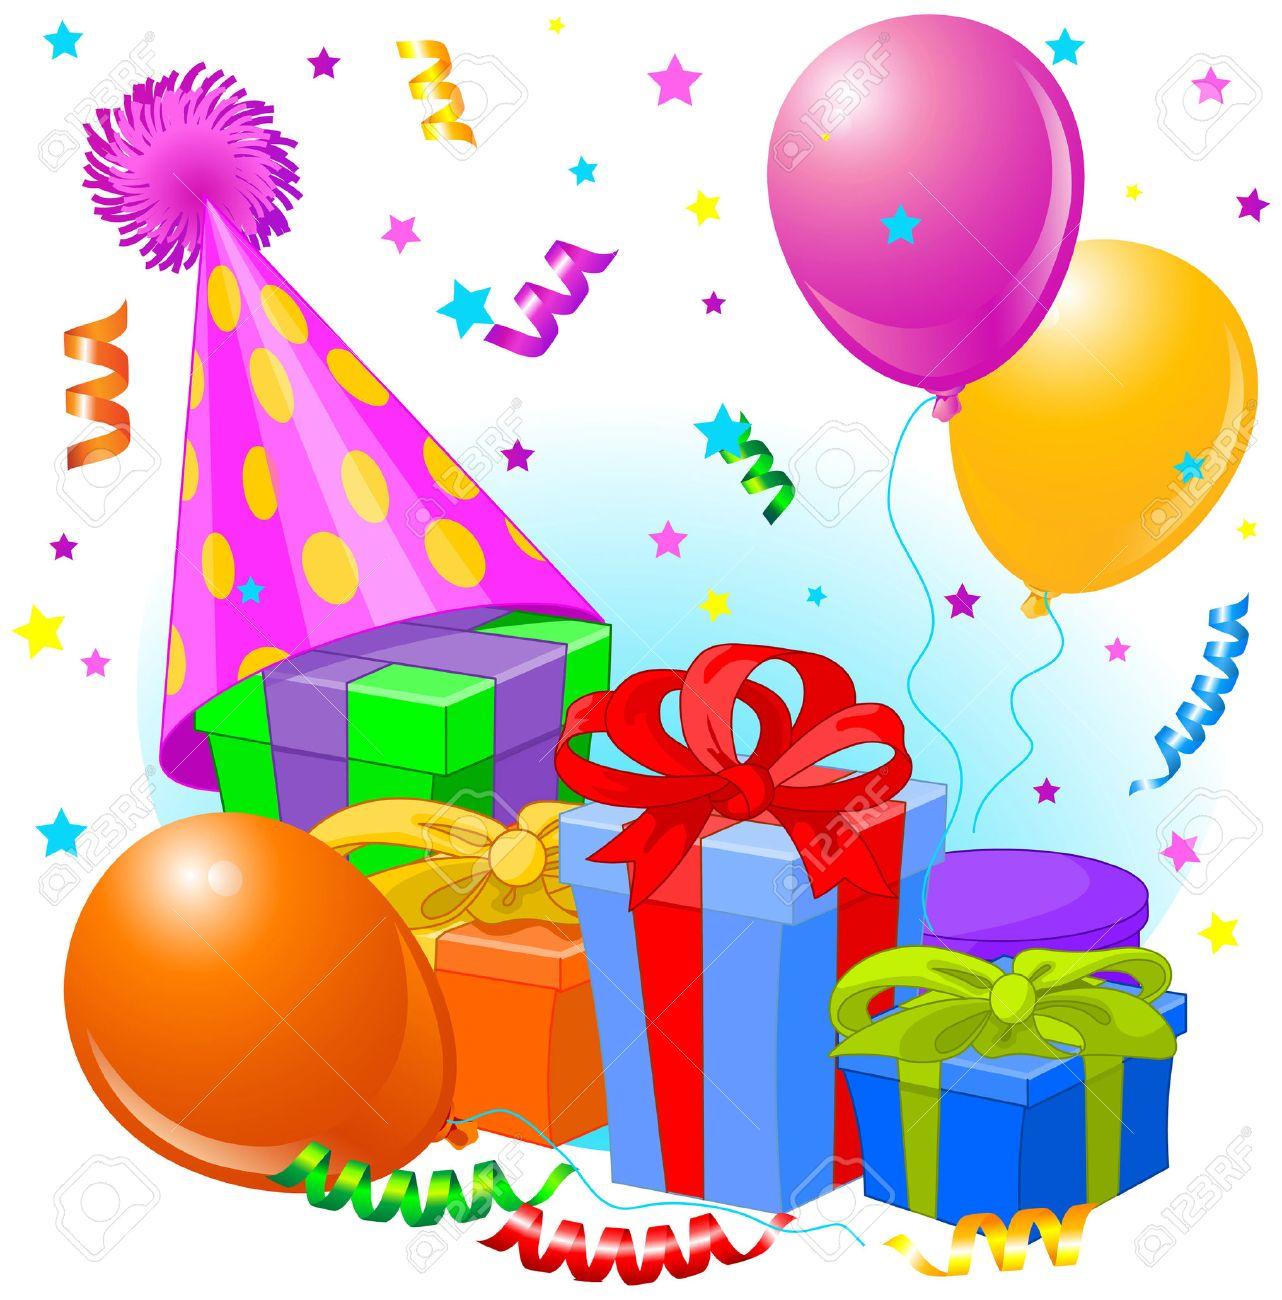 Regalos De Cumpleaños Y Decoración Listo Para La Fiesta De